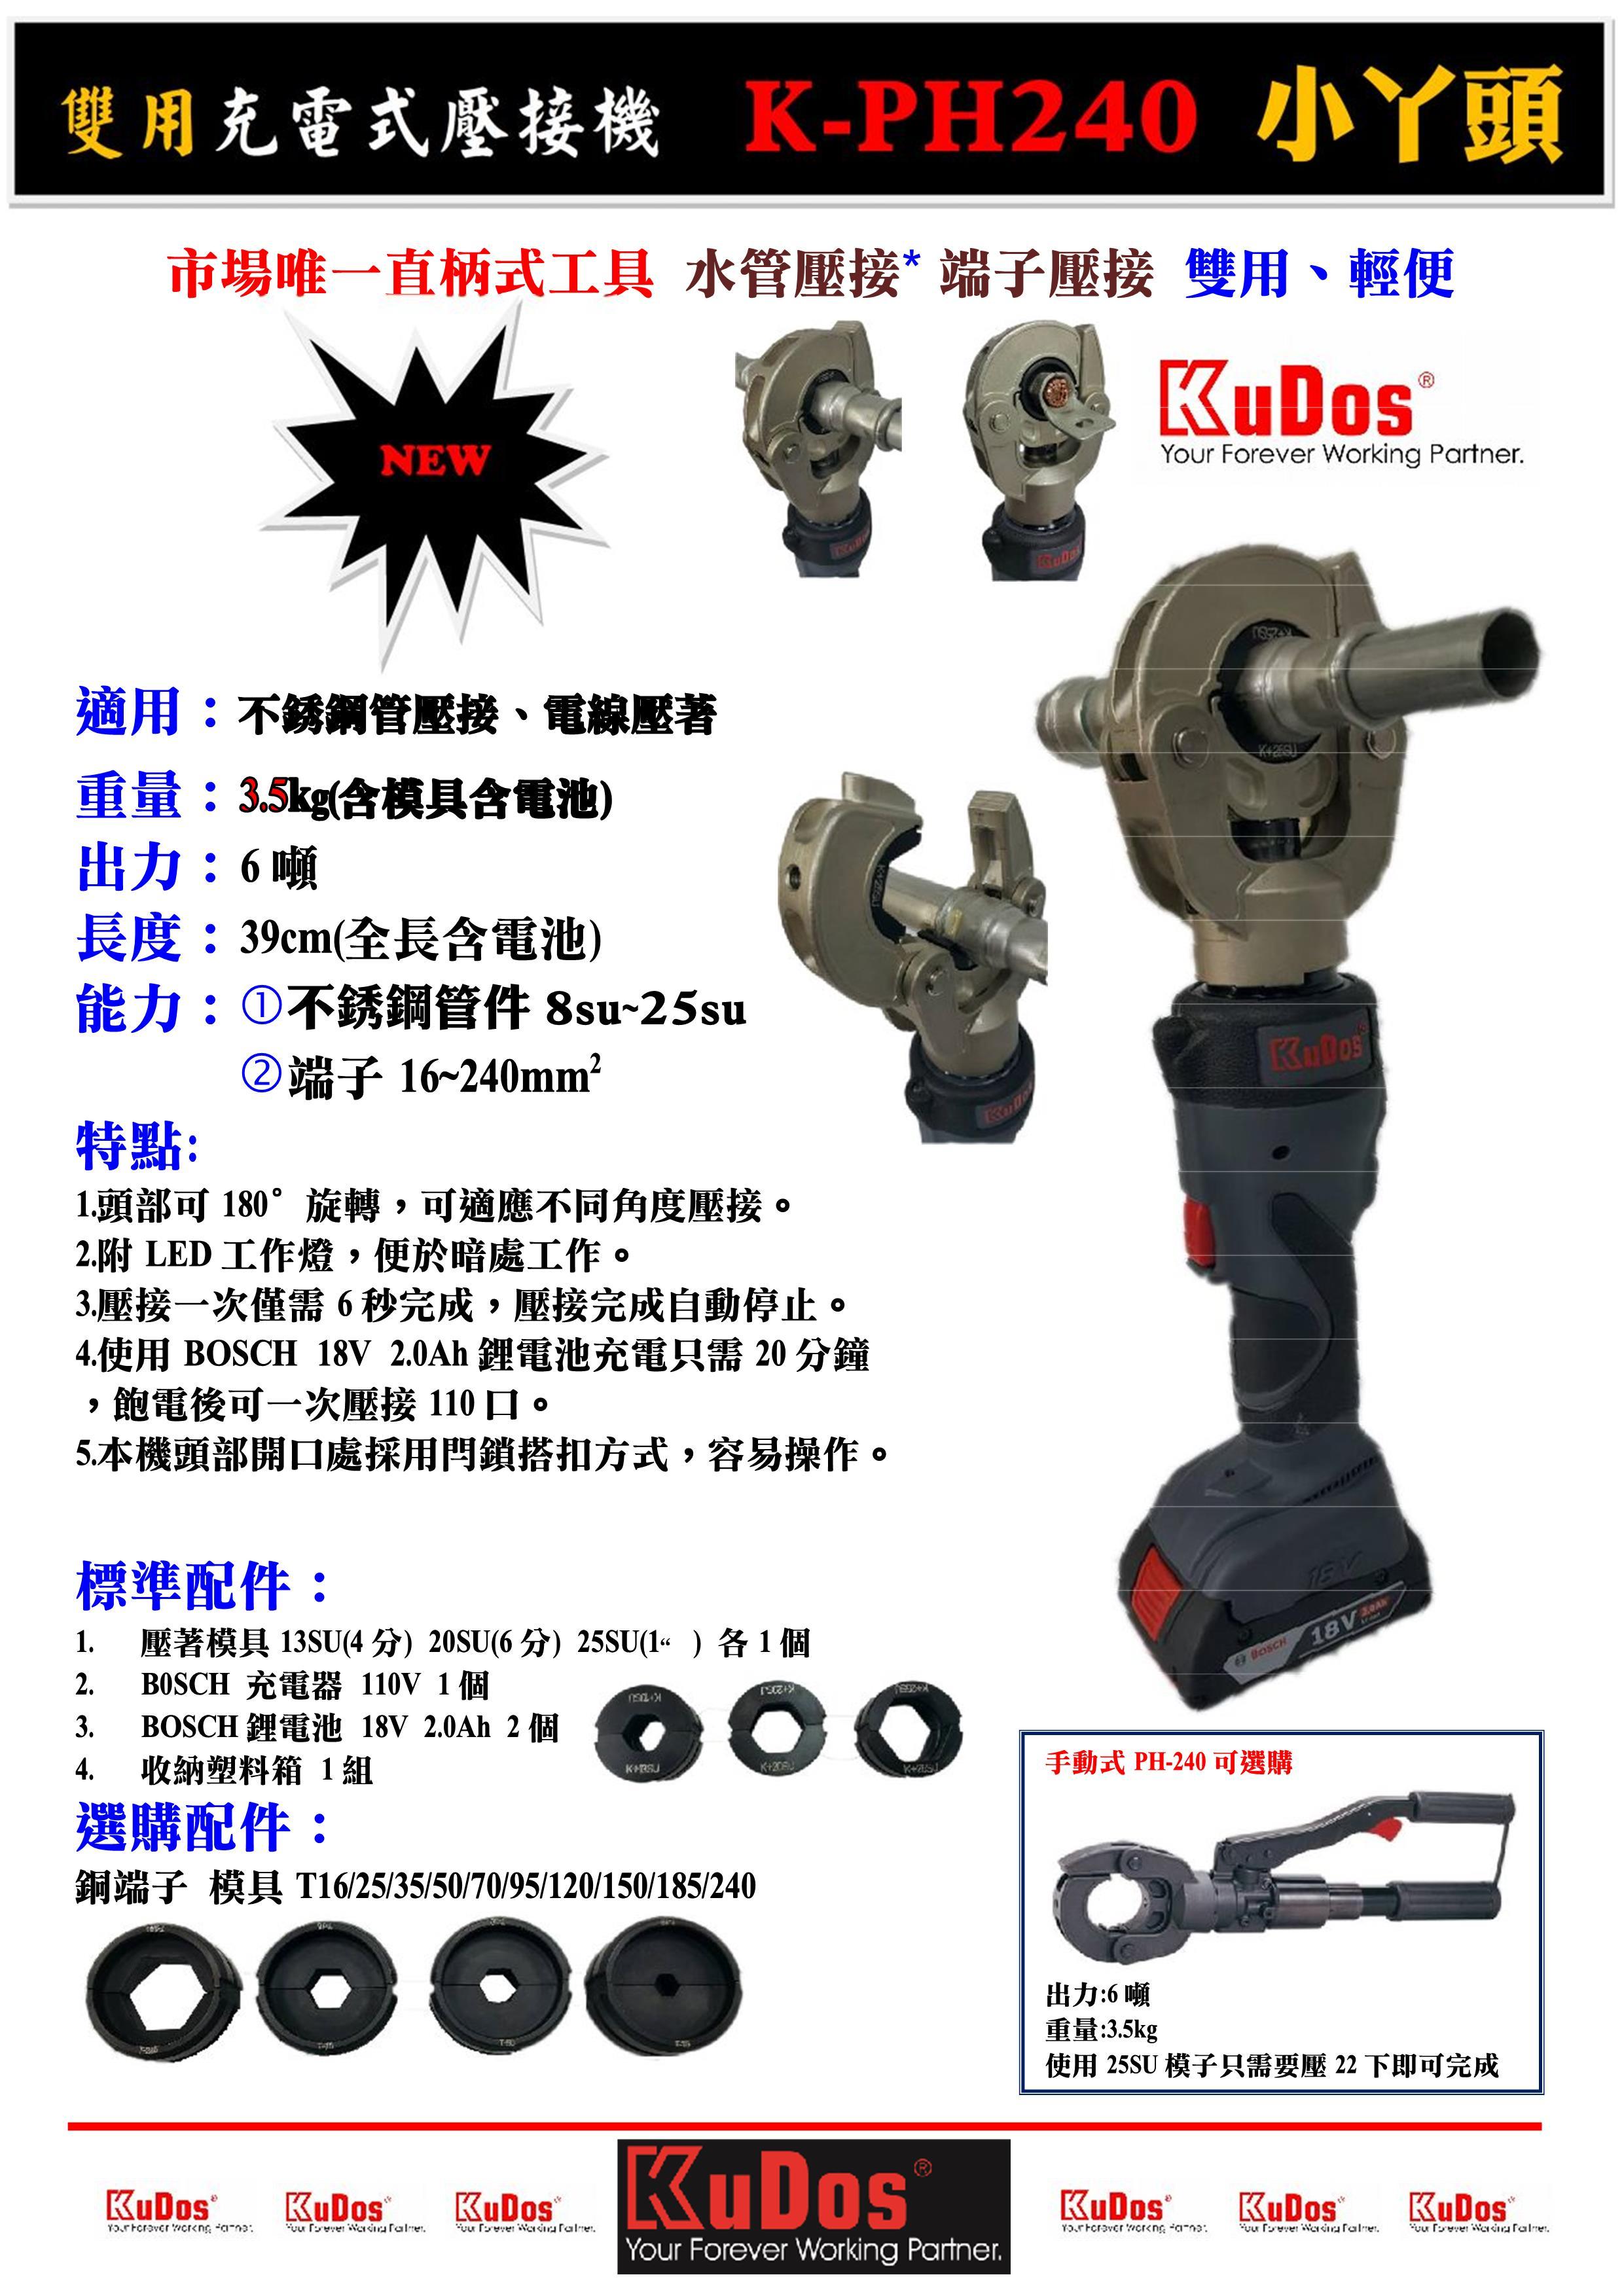 五金模具配件_K-PH240充電式水管+端子壓接機-科嘉事業有限公司 / 台灣黃頁詢價平台